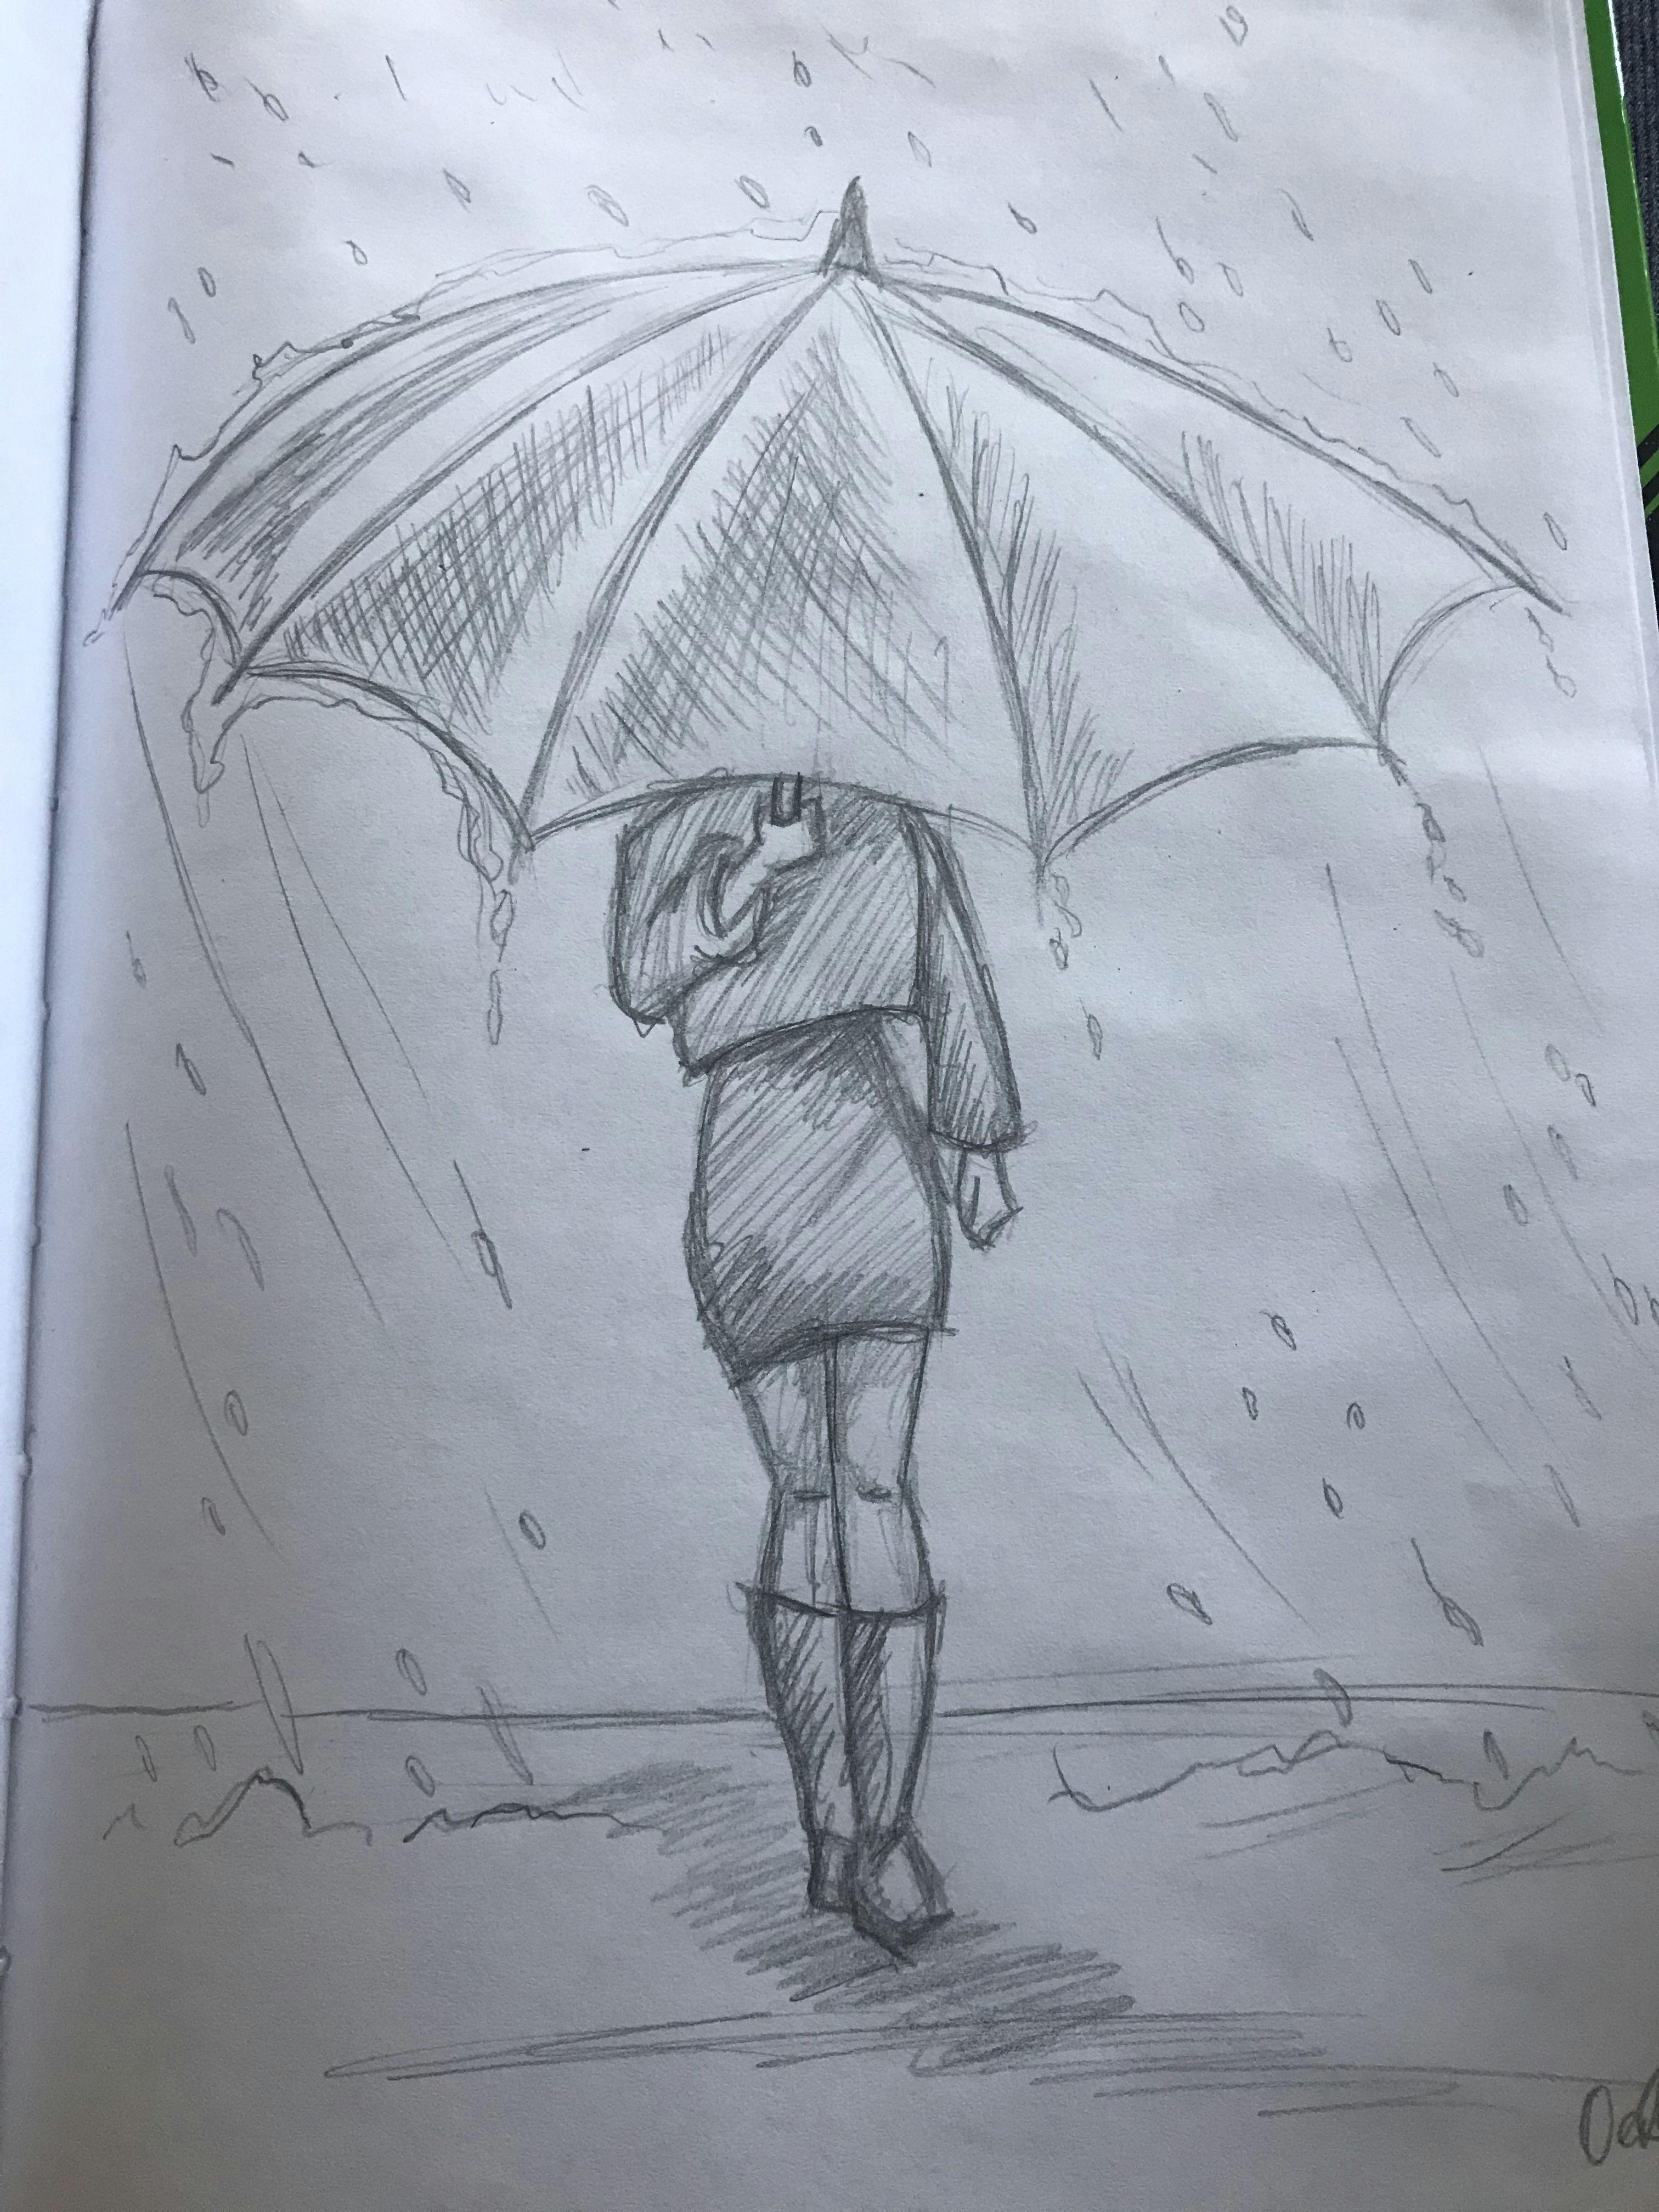 tra s beau dessin ballet drawings 3d drawings amazing drawings cartoon drawings lapiz